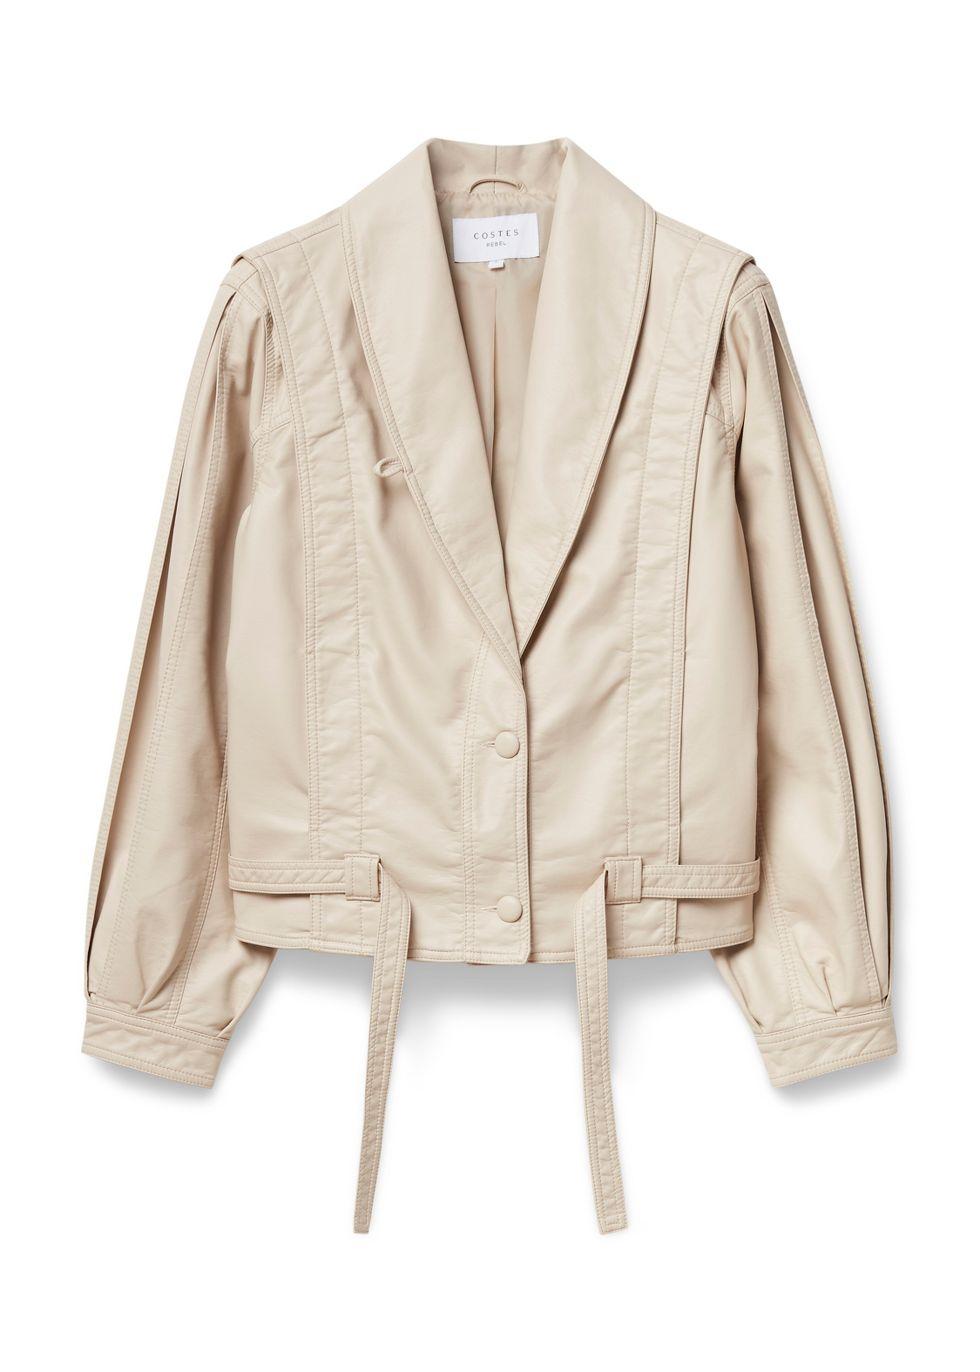 80's Vintage Jacket kit